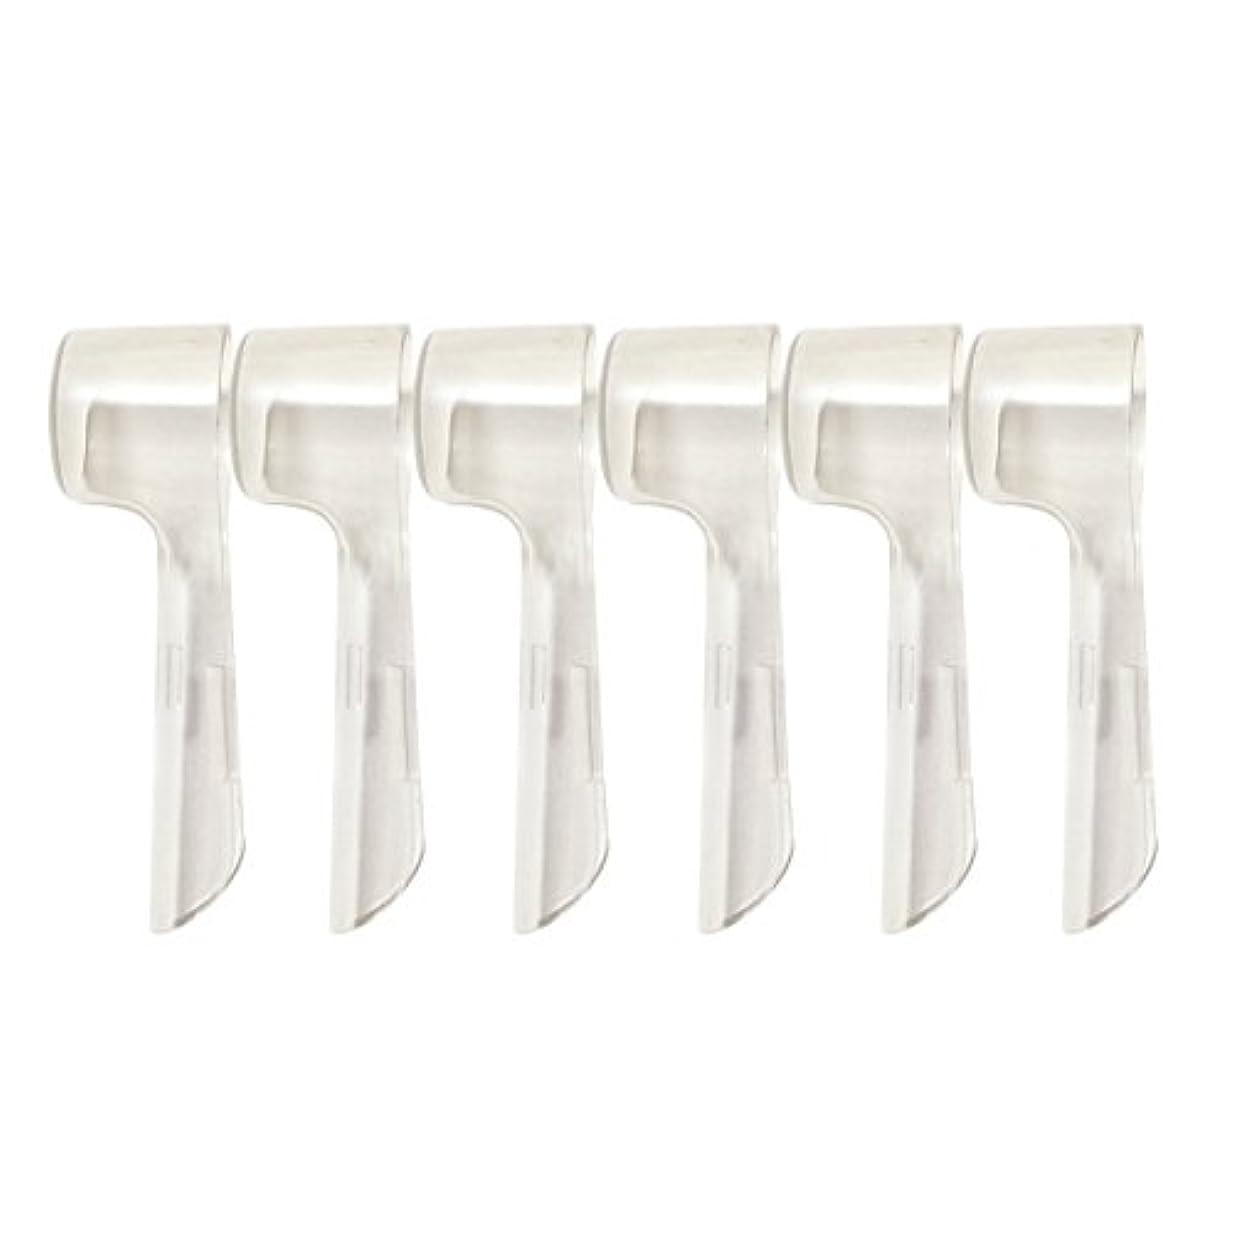 鋭く数学的なせせらぎSUPVOX 旅行のために便利な電動歯ブラシのための6本の歯ブラシヘッドカバー